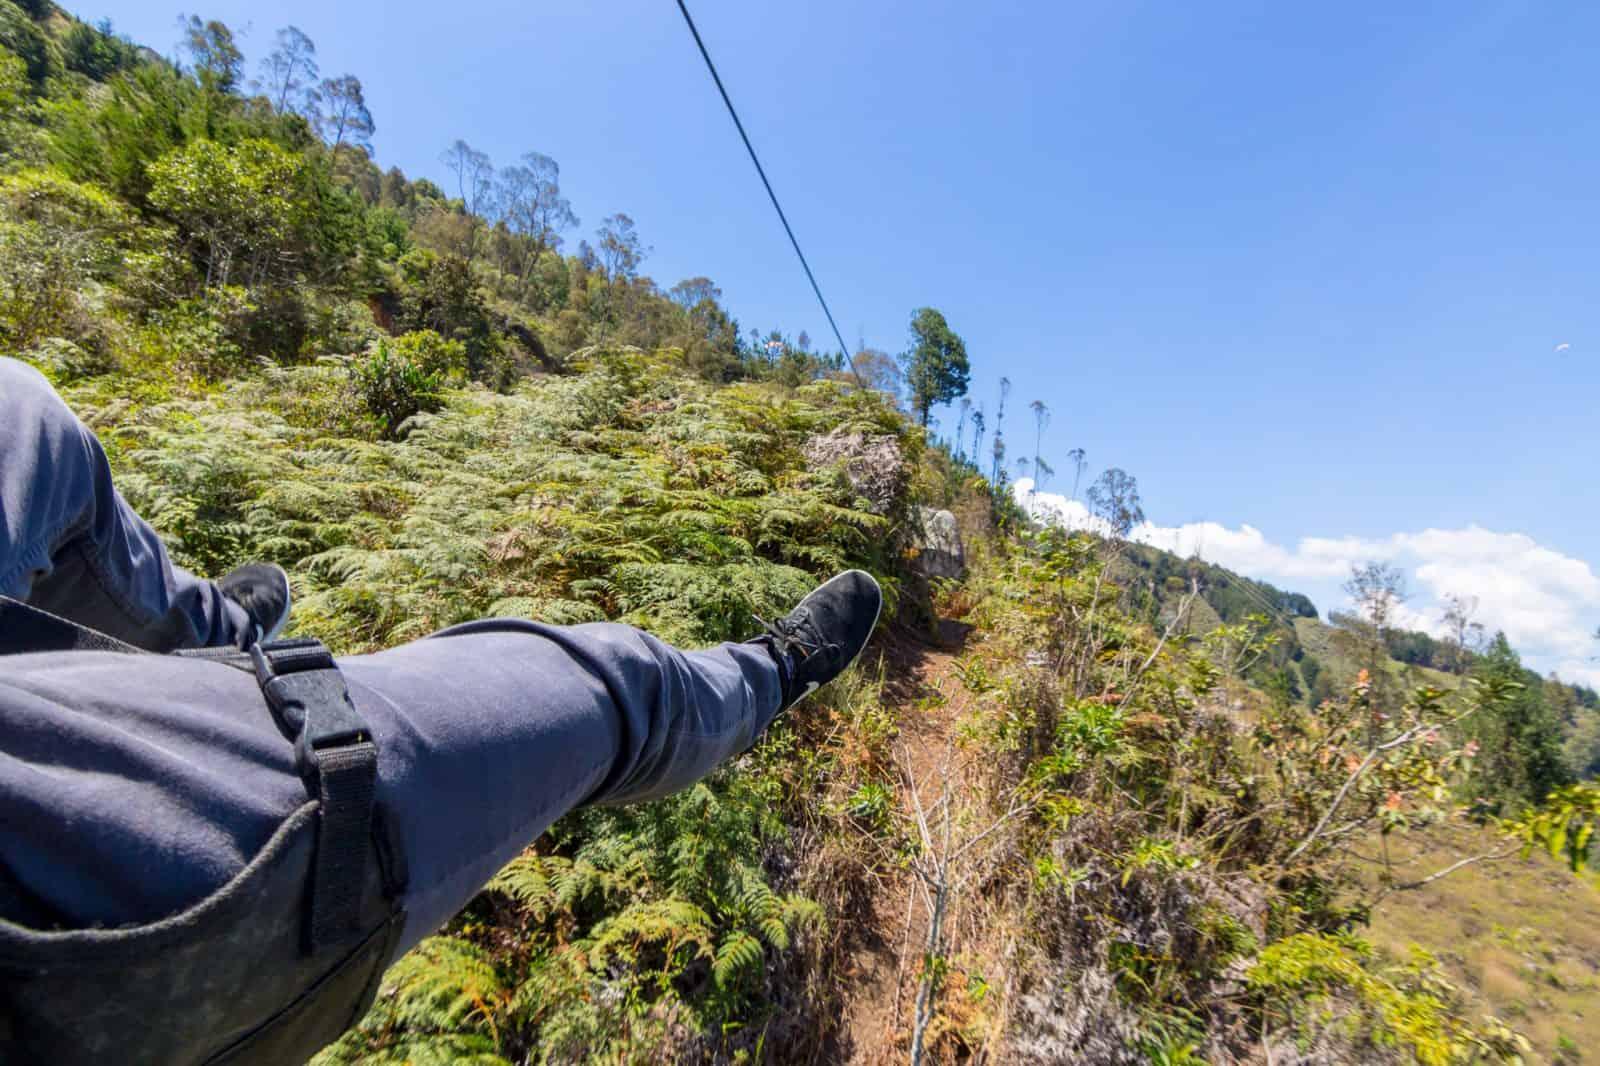 Impromptu zip-lining in Medellin